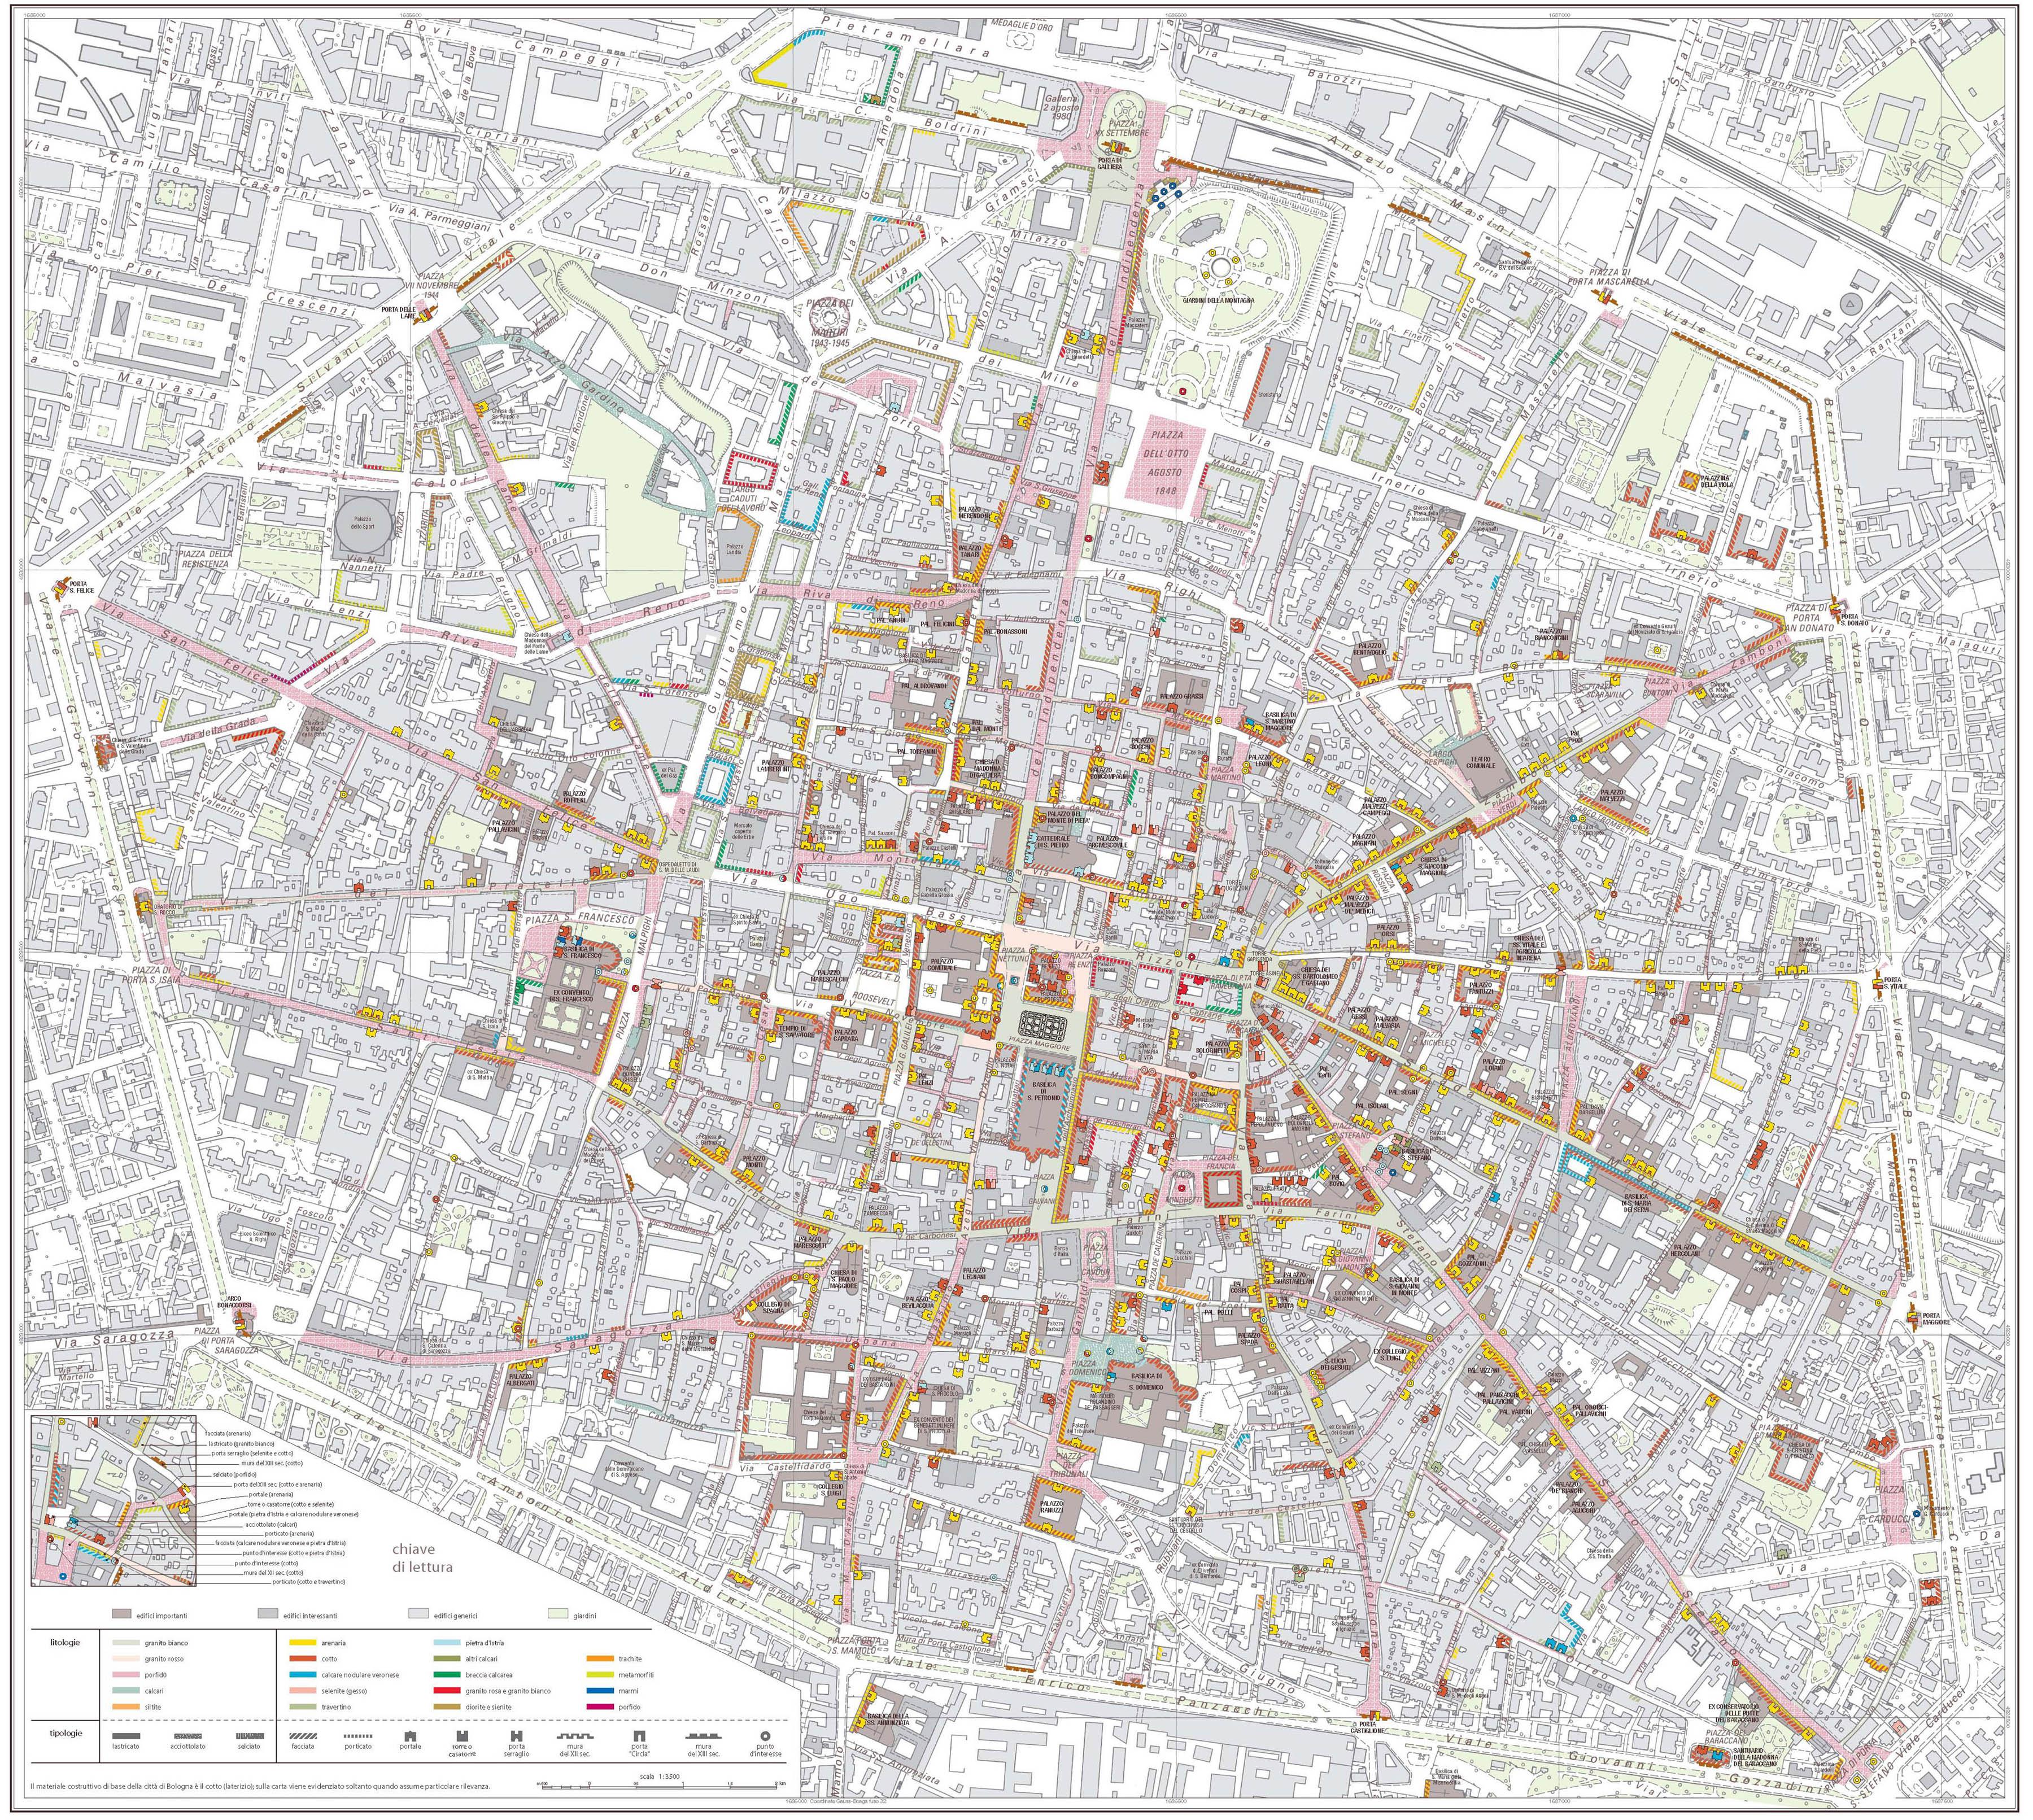 fiera di modellismo bologna italy map - photo#13